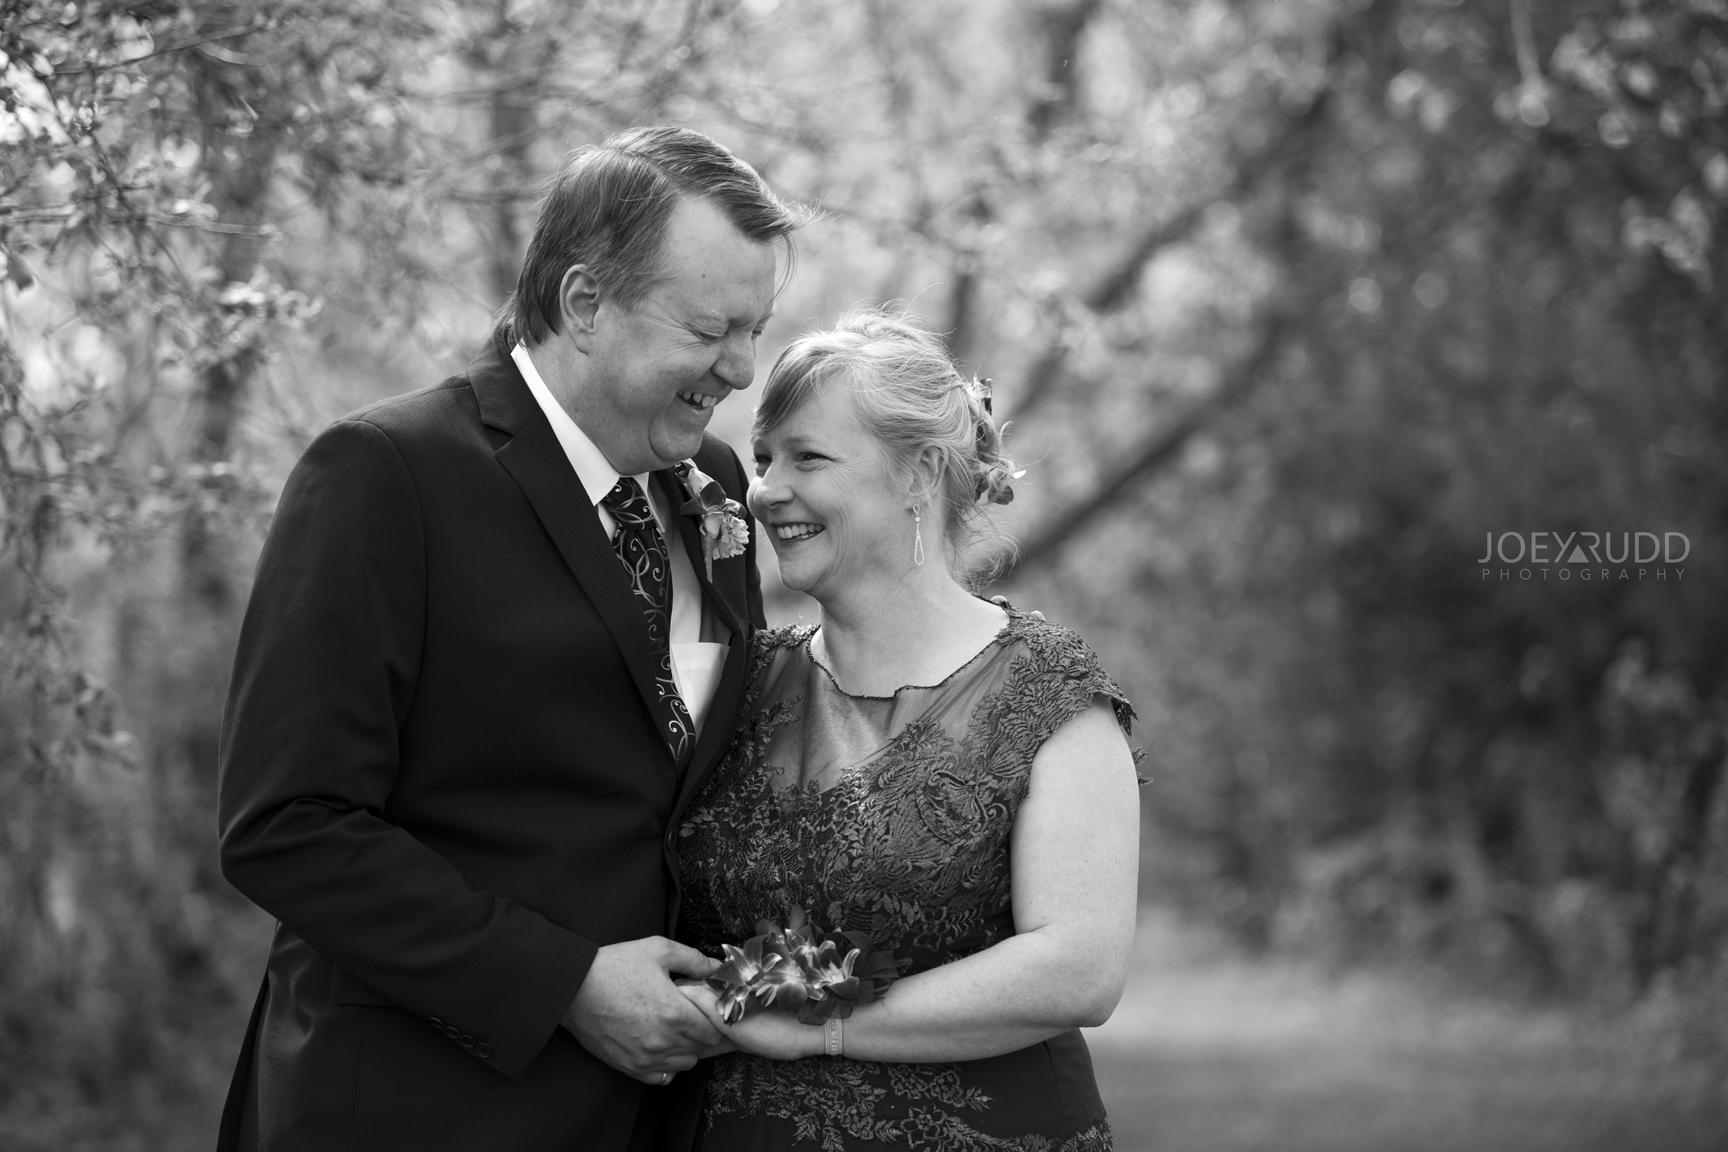 Elopement Session at Jabulani Vineyard by Joey Rudd Photography Ottawa Wedding Photography